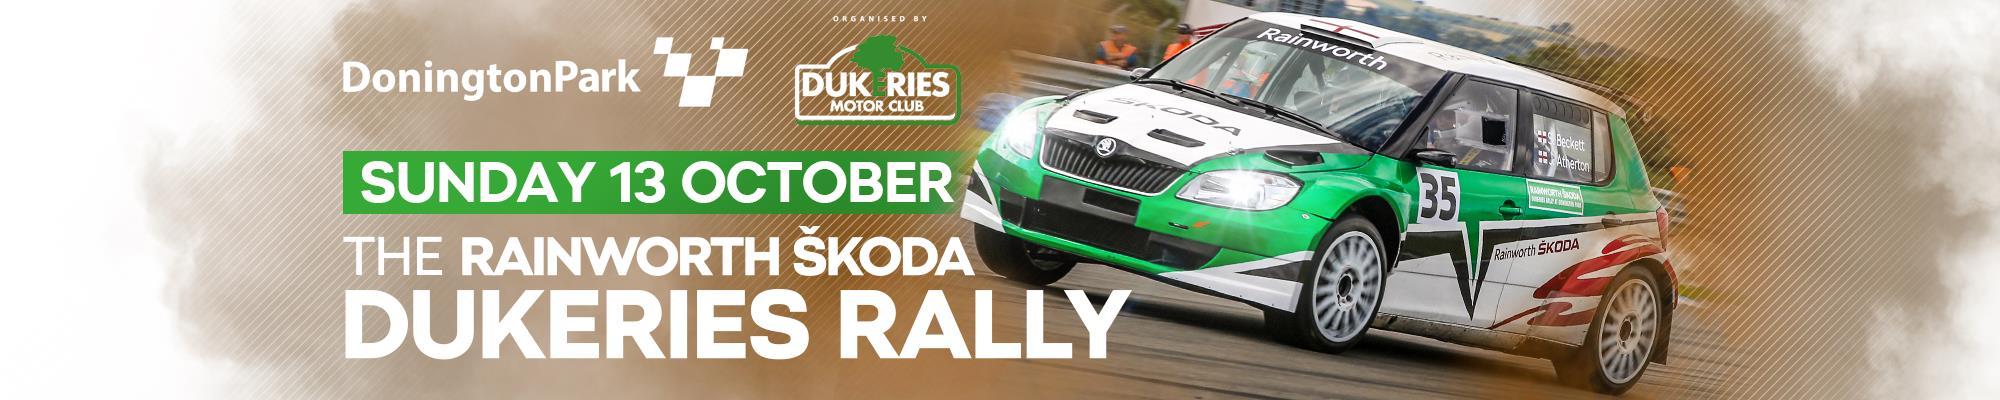 Rainworth Skoda Dukeries Rally